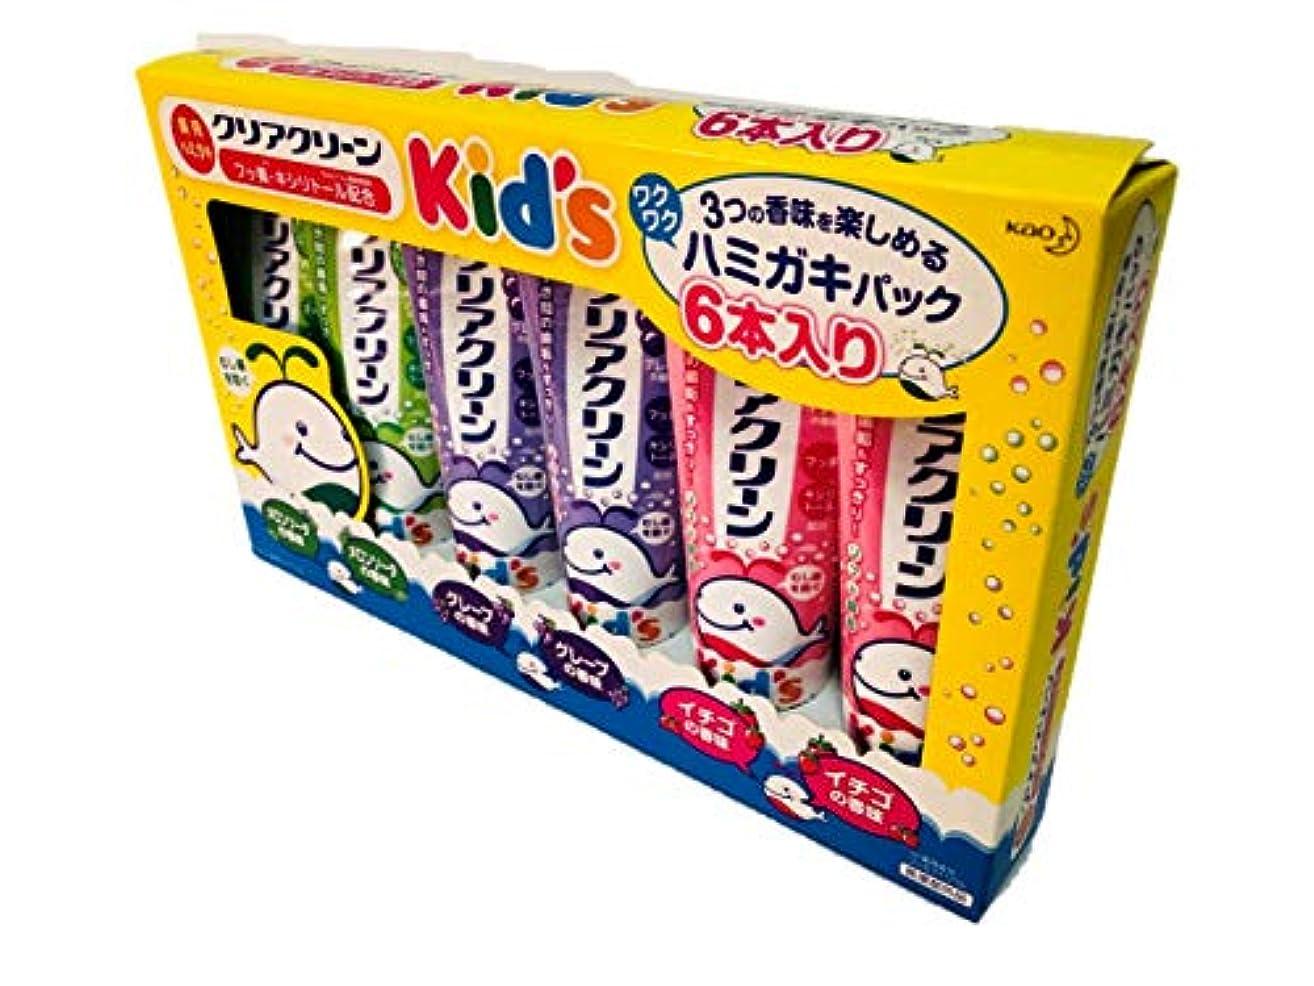 専門用語避けられない準拠クリアクリーン Kids ハミガキ 6本入りパック (メロンソーダ?グレープ?イチゴ)70g×6本 薬用ハミガキ